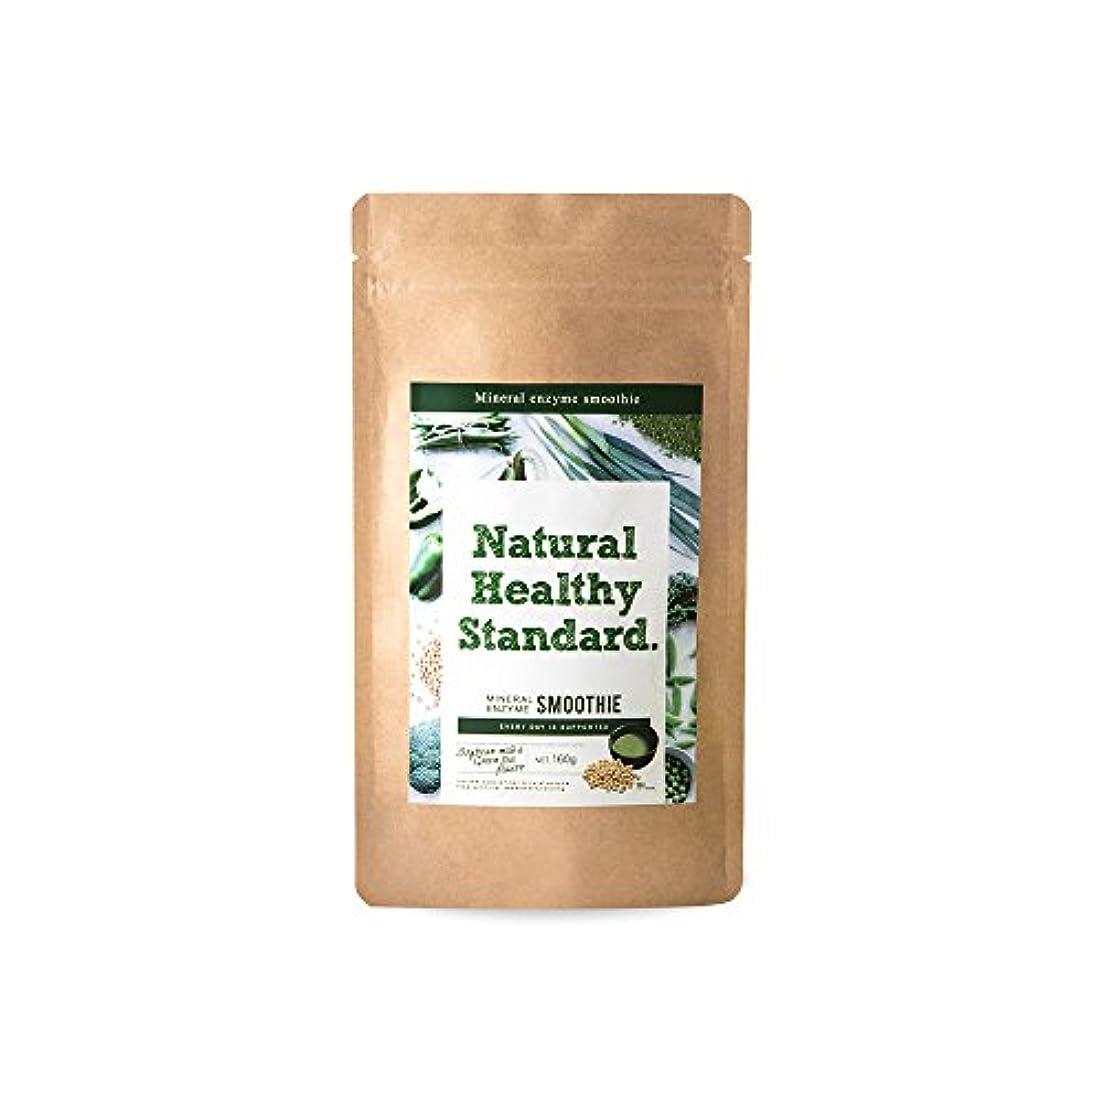 グラム鋭く空港NaturalHealthyStandard(ナチュラルヘルシースタンダード) ミネラル酵素グリーンスムージー 豆乳抹茶味 160g